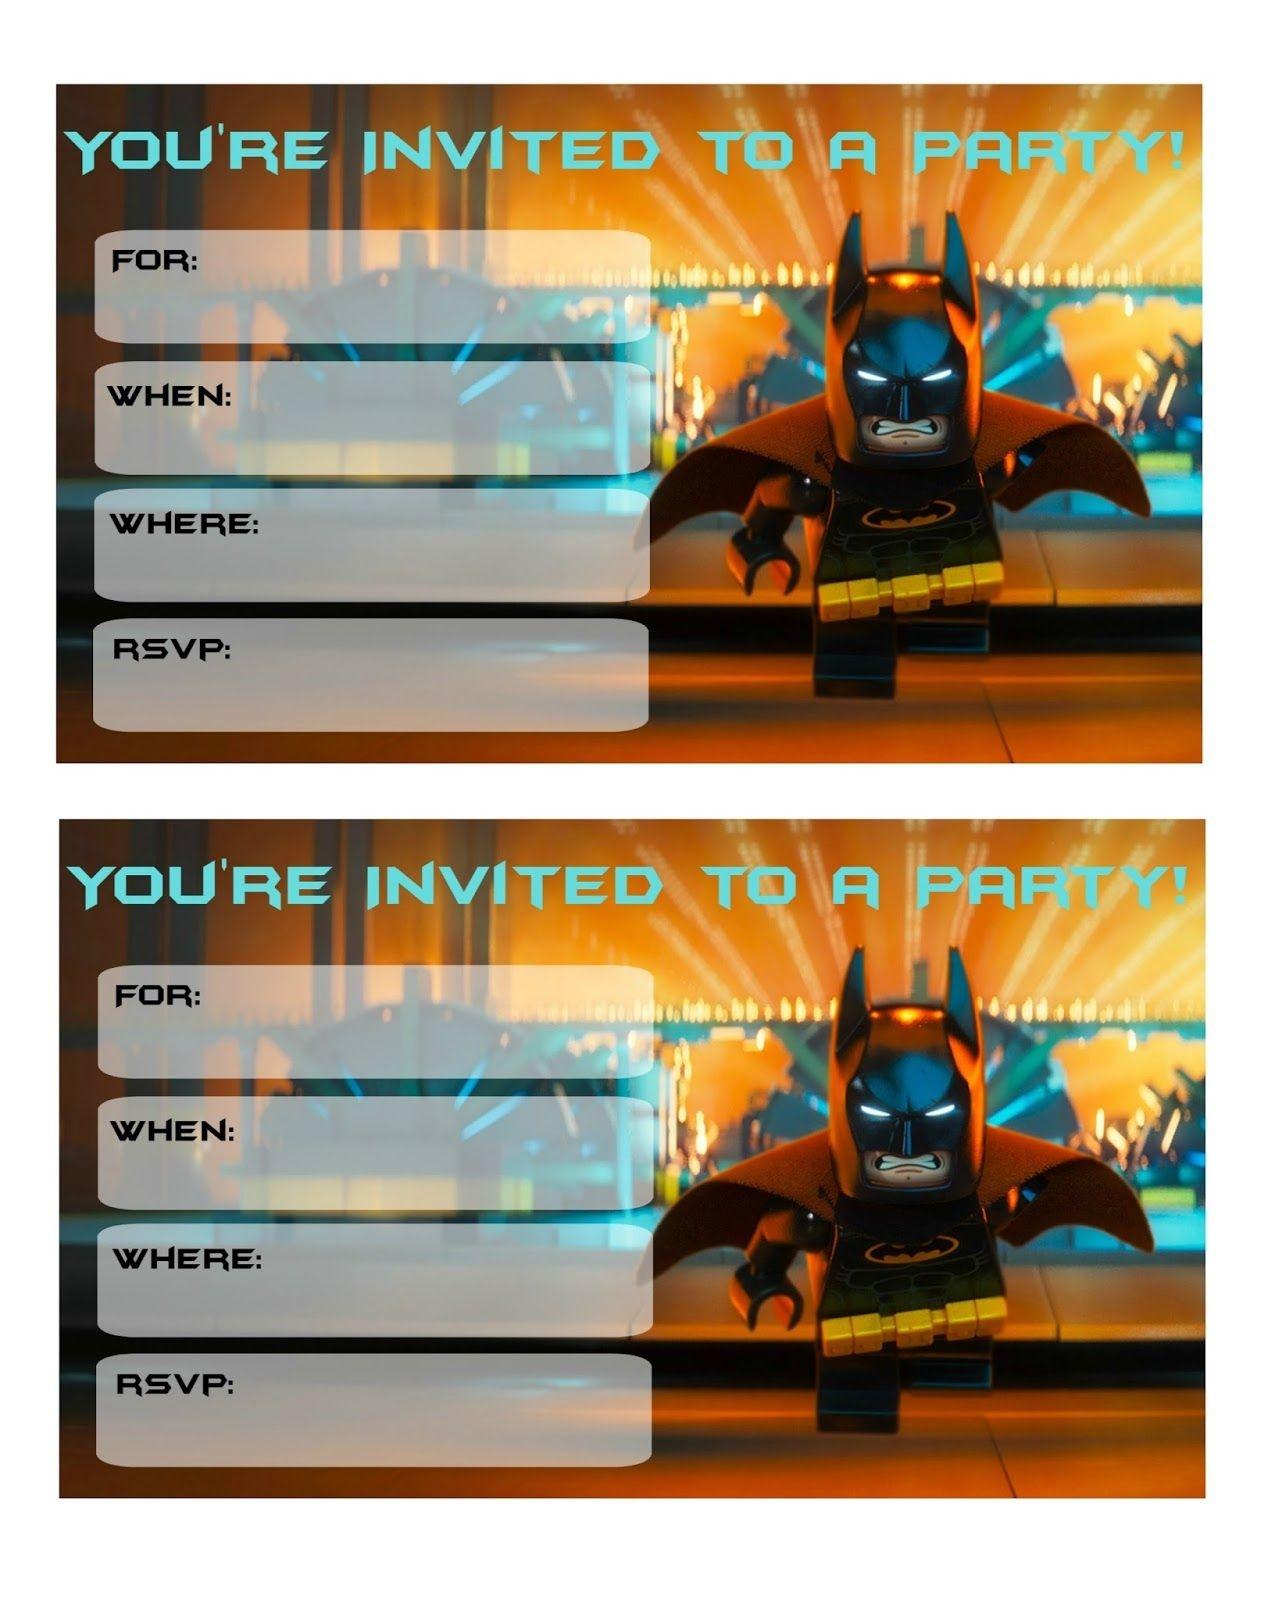 More Lego Batman Party Invitations | Lego Batman-Super Heros - Lego Batman Invitations Free Printable